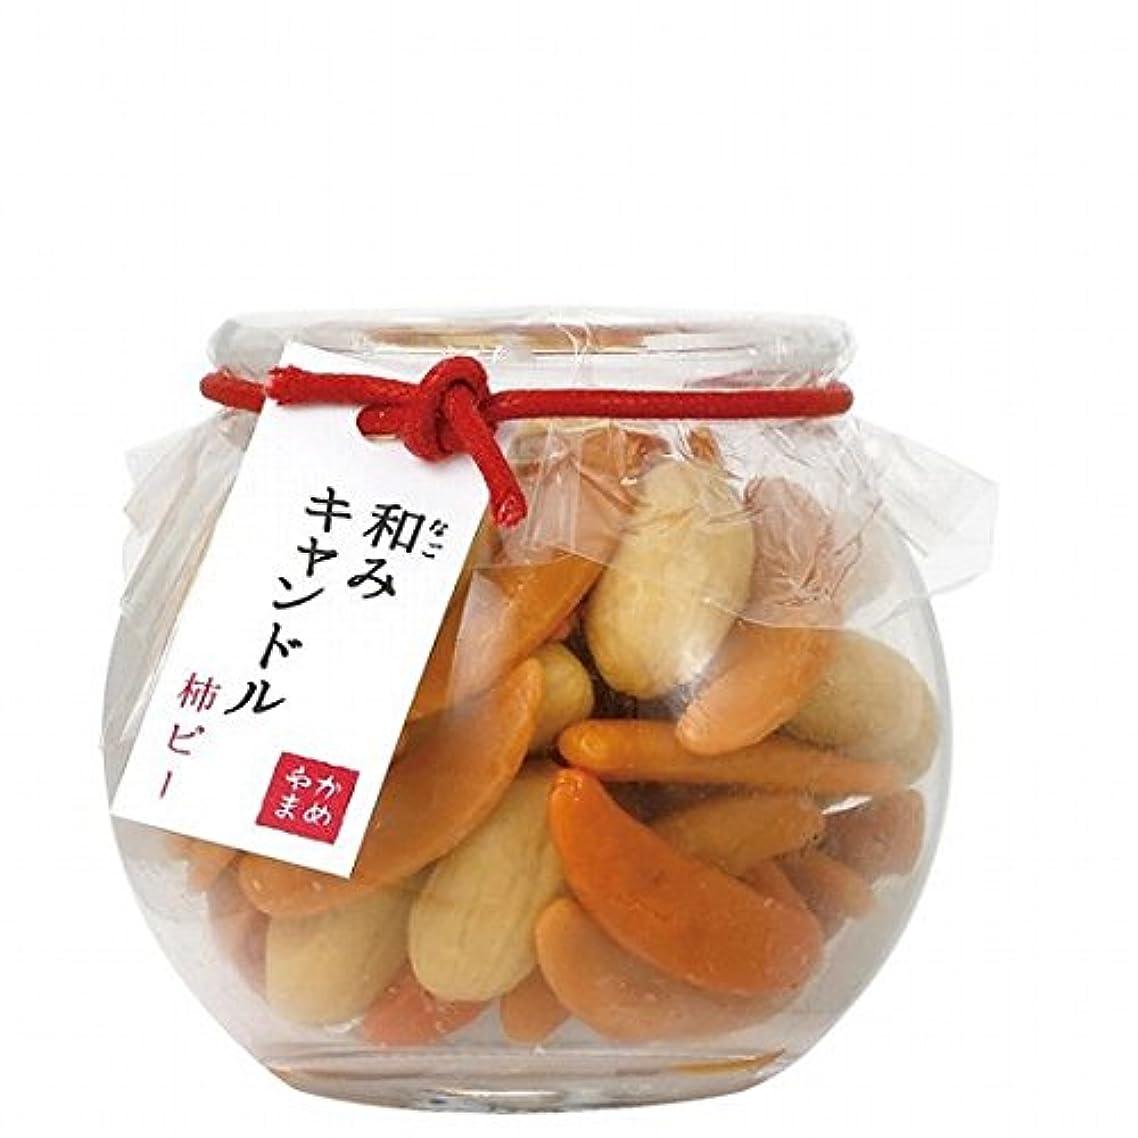 交渉する乱闘ミリメートルカメヤマキャンドル(kameyama candle) 和みキャンドル 「柿ピー」